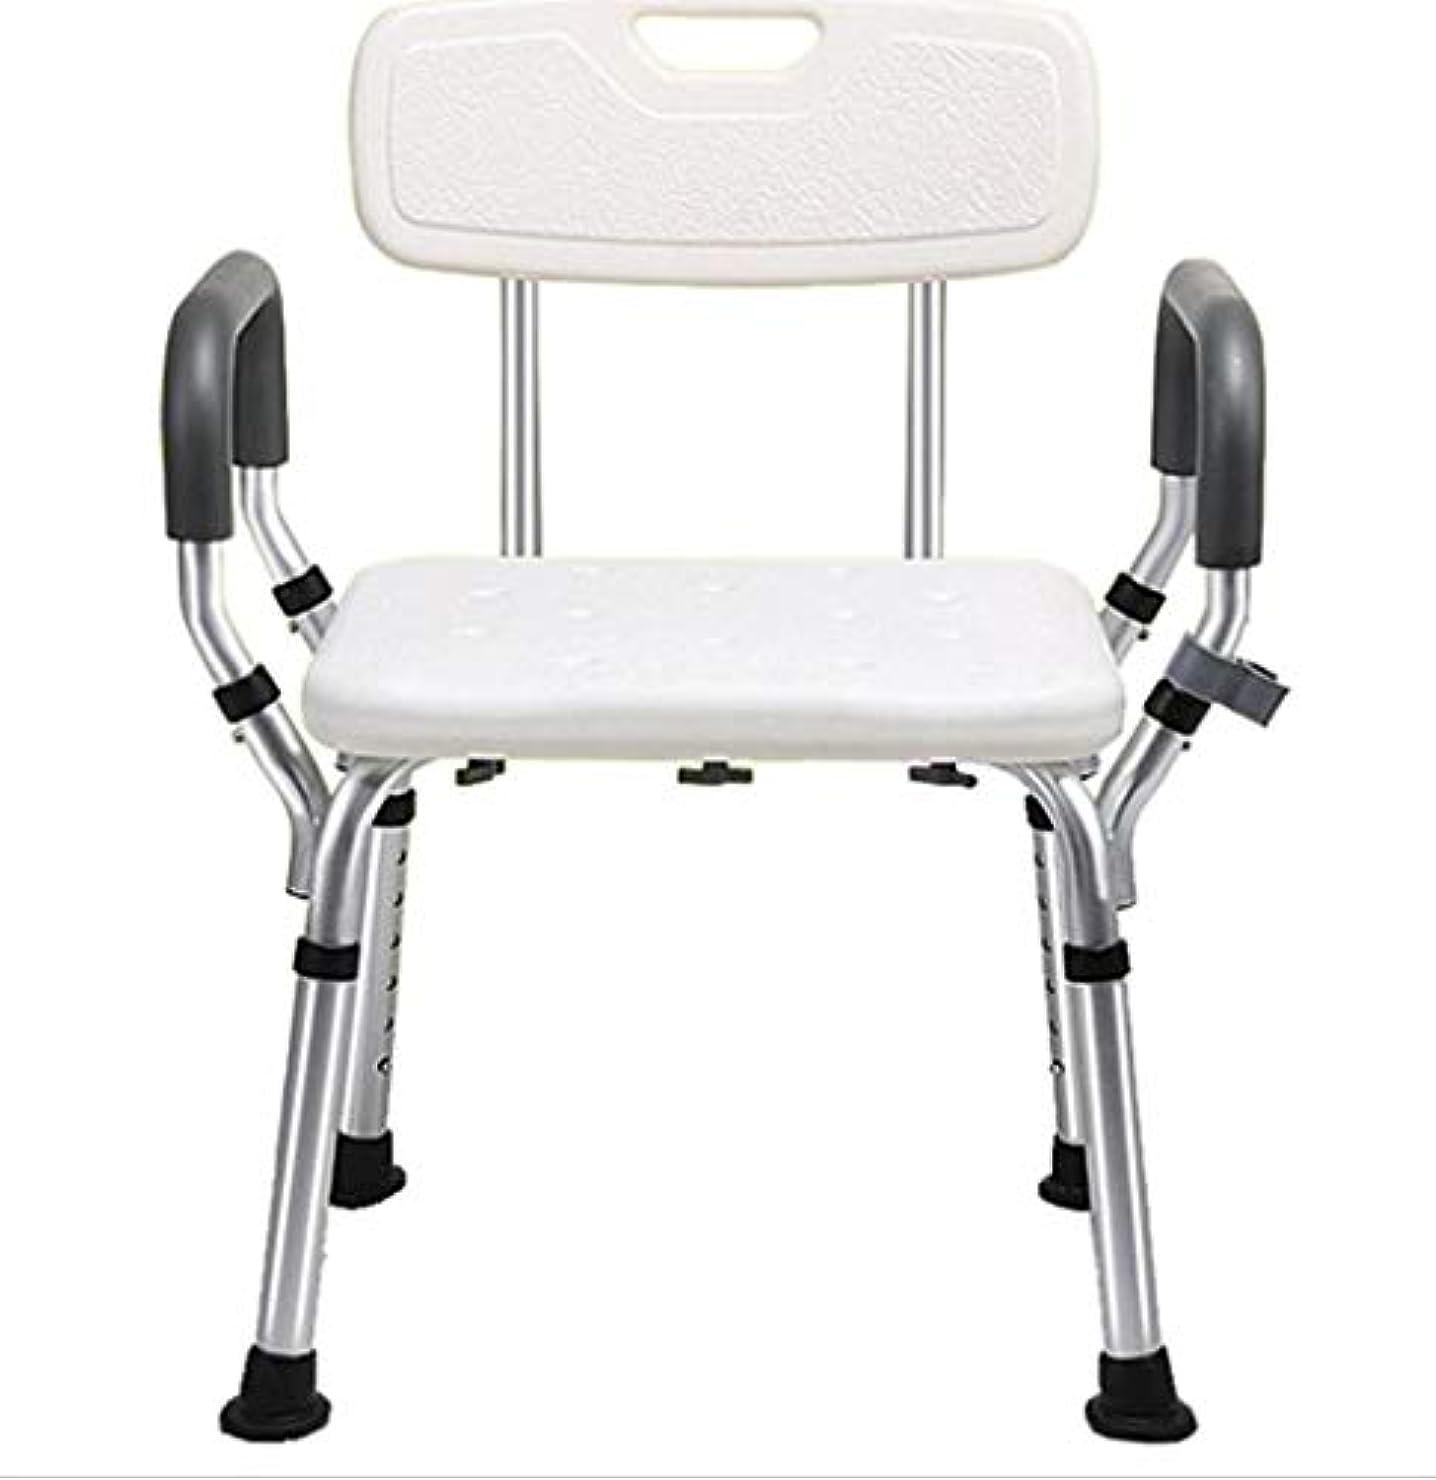 磨かれた平行登場背もたれ付きシャワーチェア-障害者用の肘掛け付きバスタブベンチ、高齢者用滑り止め浴槽安全スツール